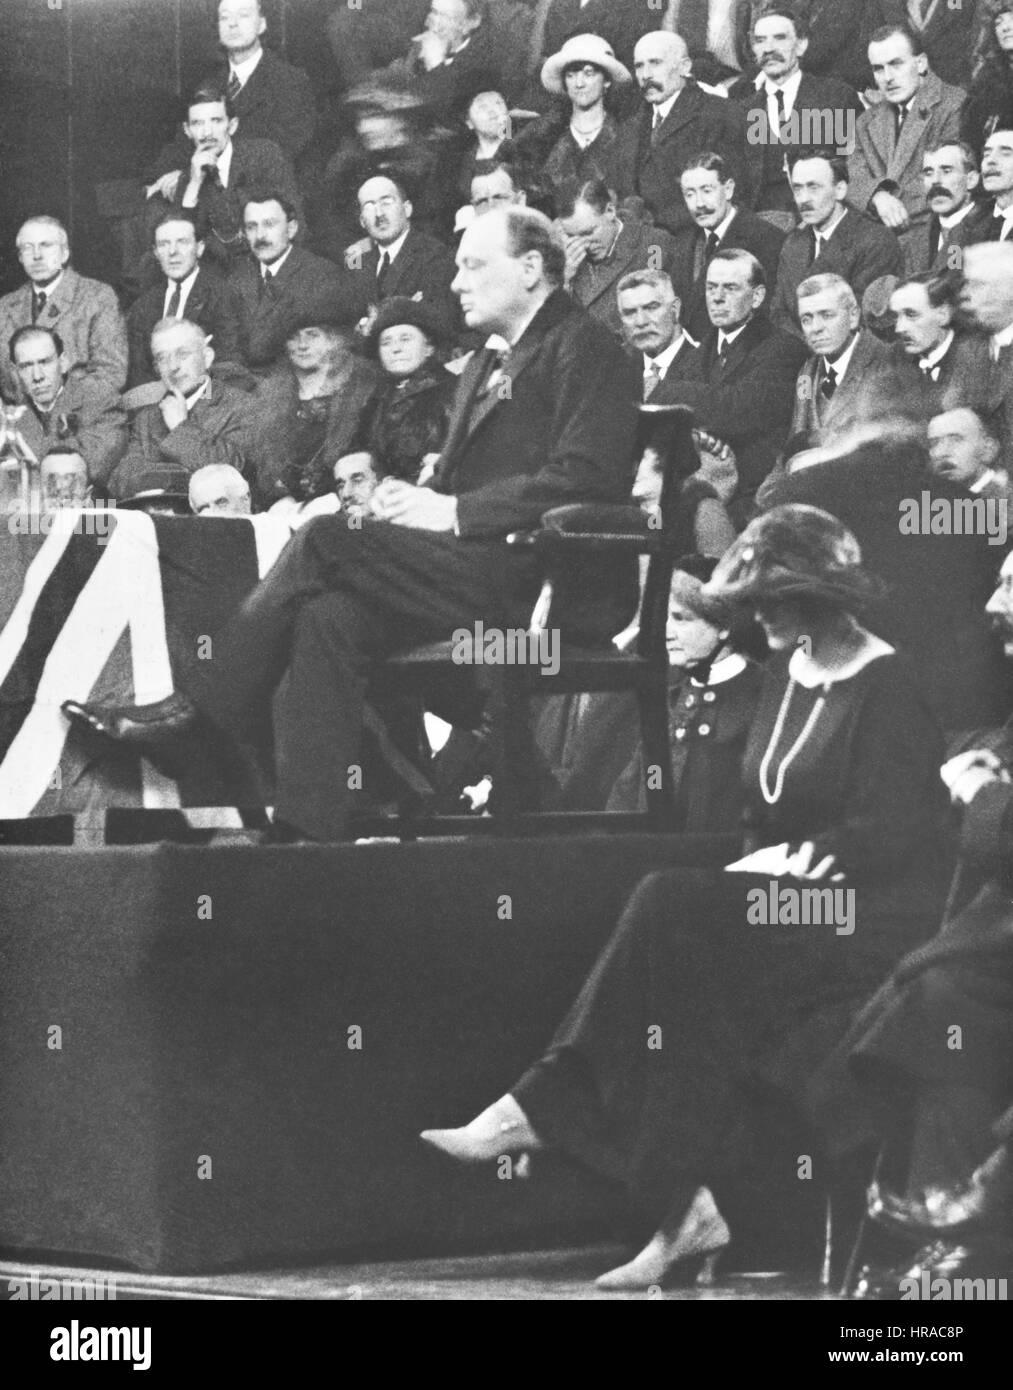 De noviembre de 1922 Campaña de Winston Churchill en Dundee, Escocia débil después de recuperarse de una operación Foto de stock